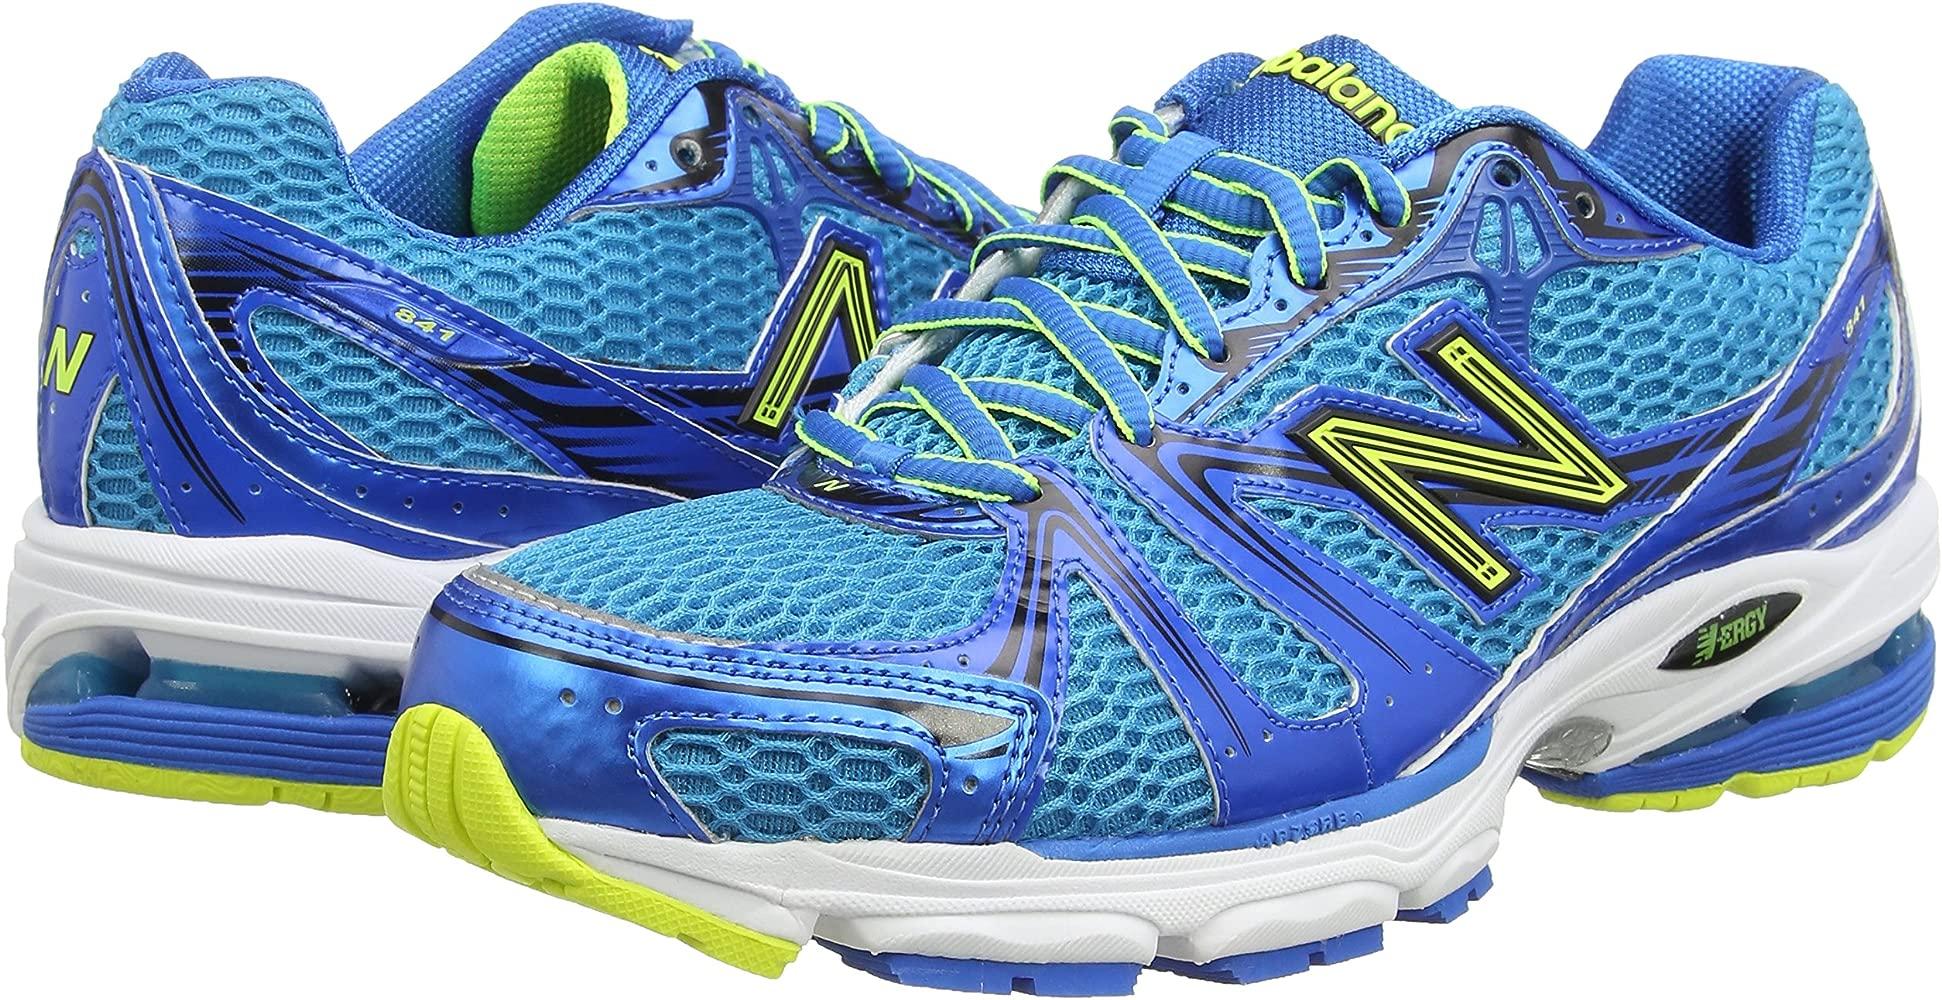 New Balance M841By - entrenamiento/correr de sintético hombre, Blu (Blu (Blue/Yellow)), talla 41.5: Amazon.es: Zapatos y complementos